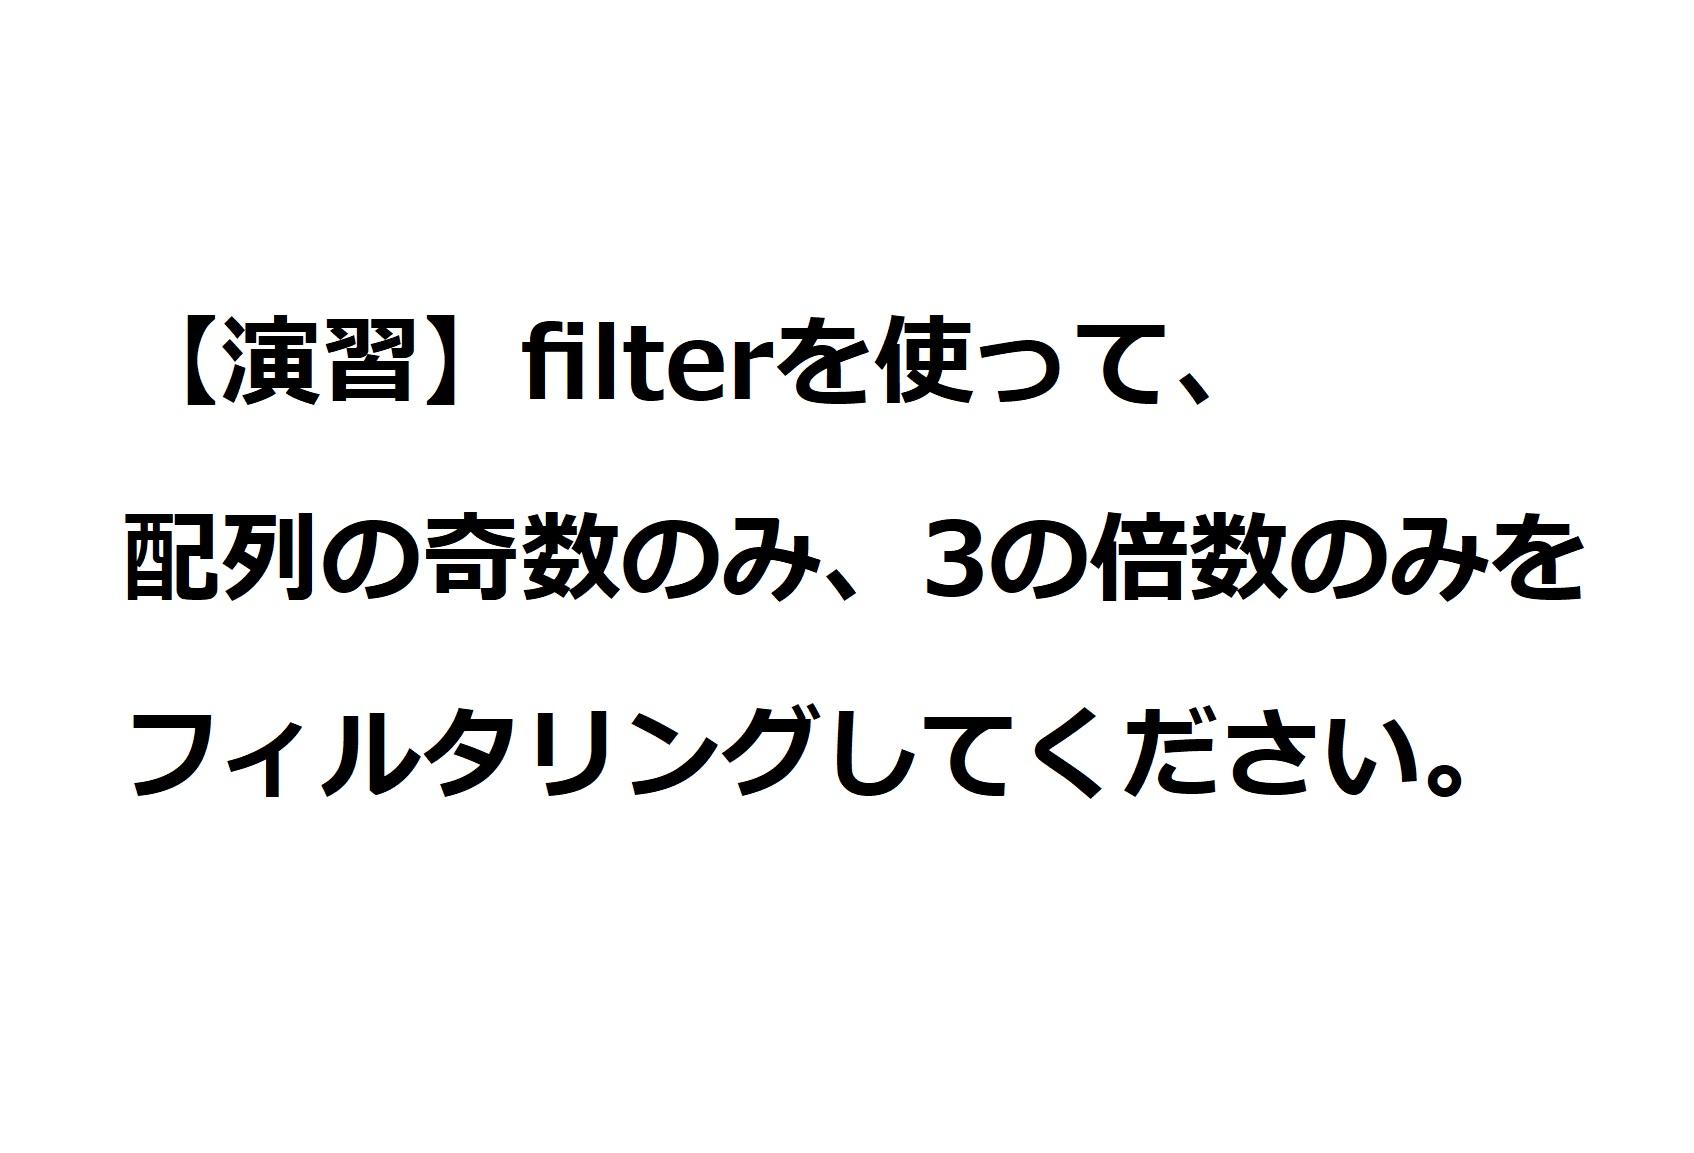 演習「filterを使った3の倍数のフィルタリング」の解答一例